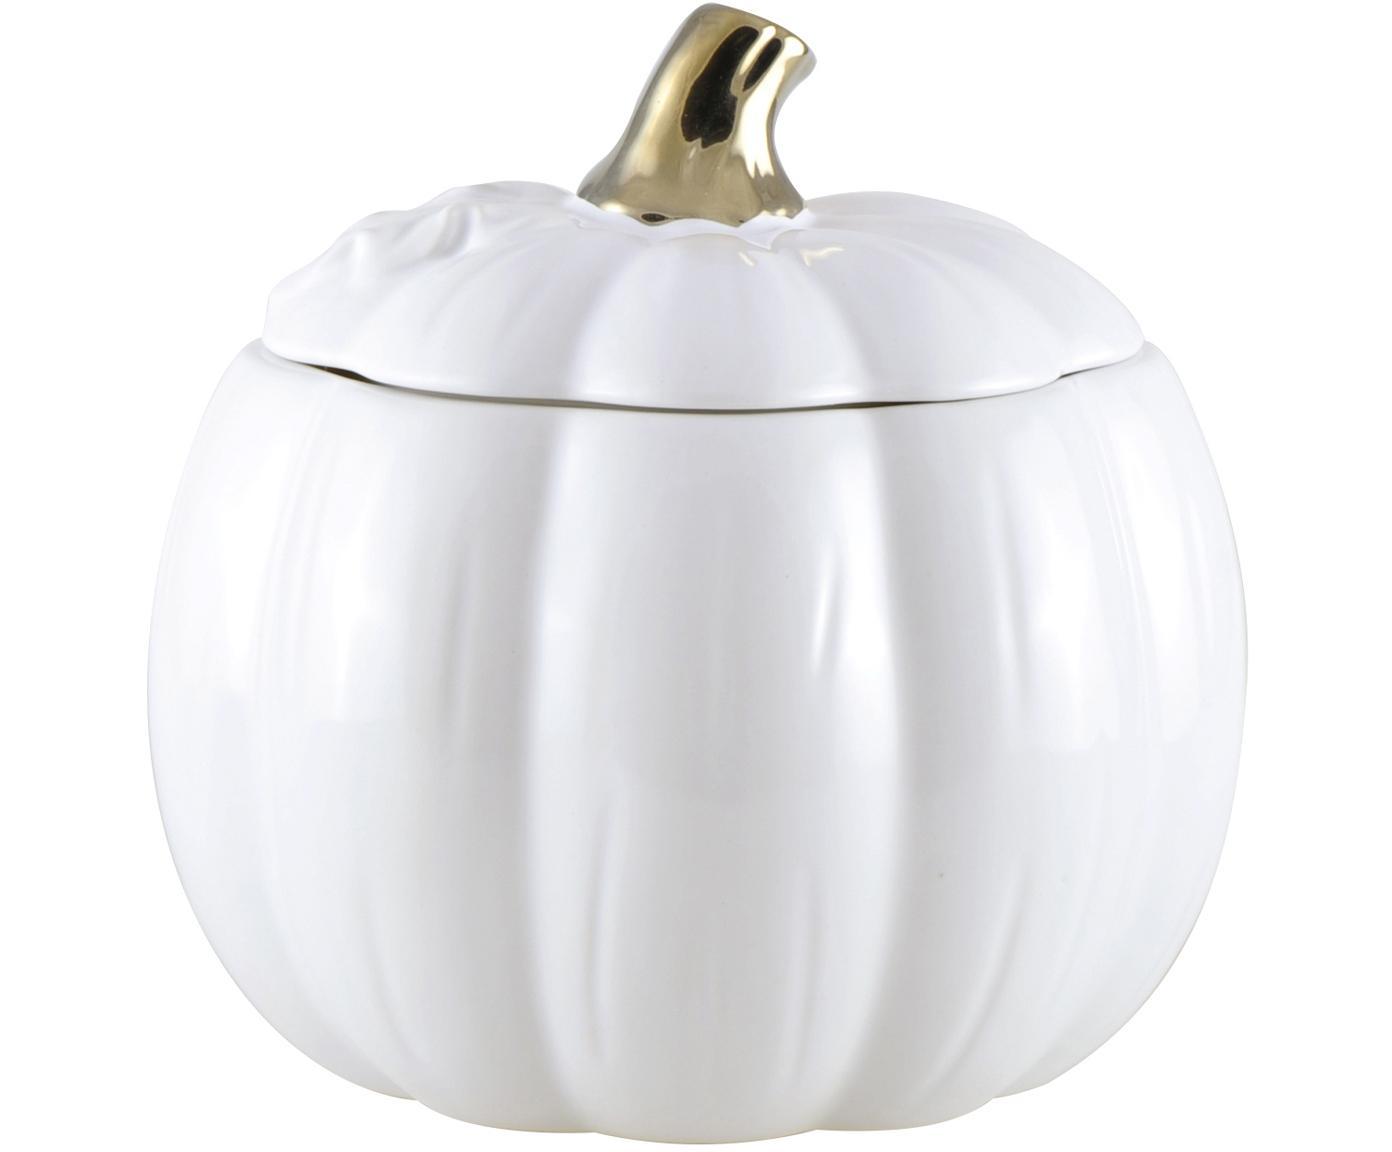 Pojemnik do przechowywania Pumpkin, Ceramika, Biały, odcienie złotego, Ø 12 x W 14 cm